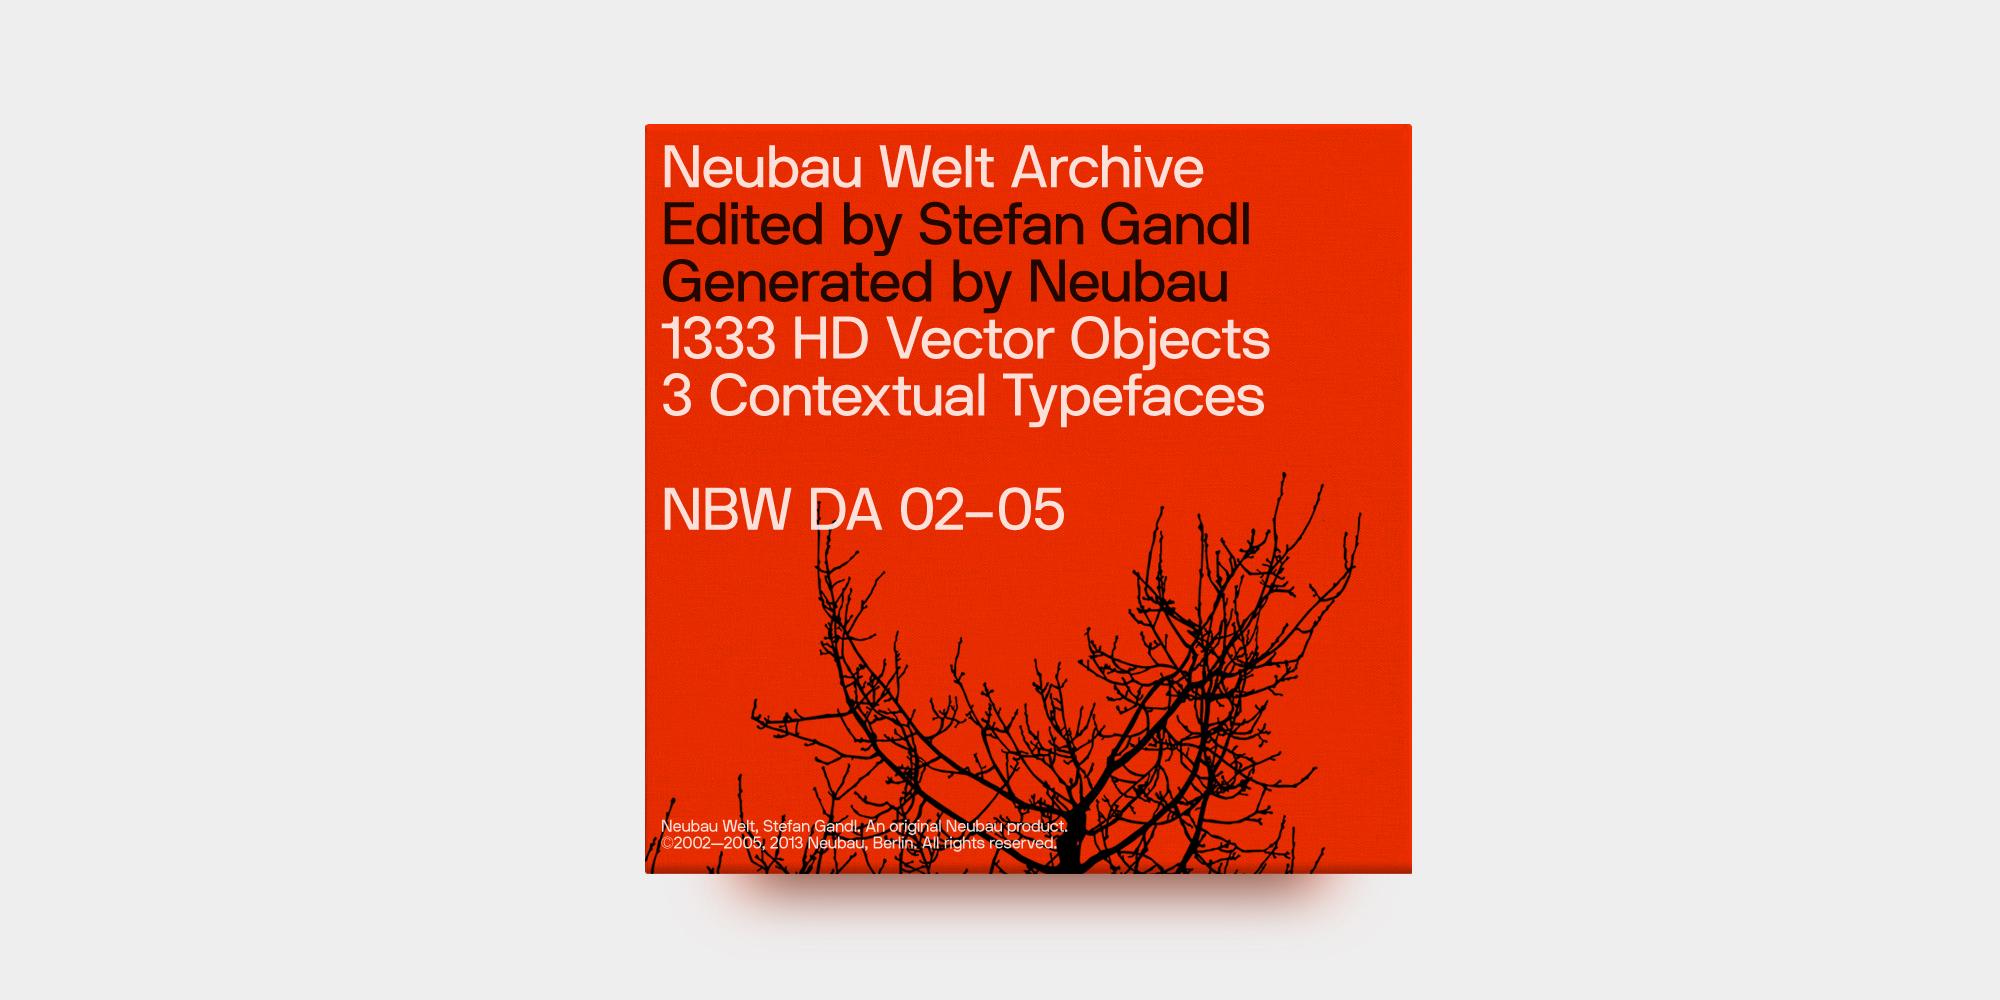 NBL — Neubau Welt